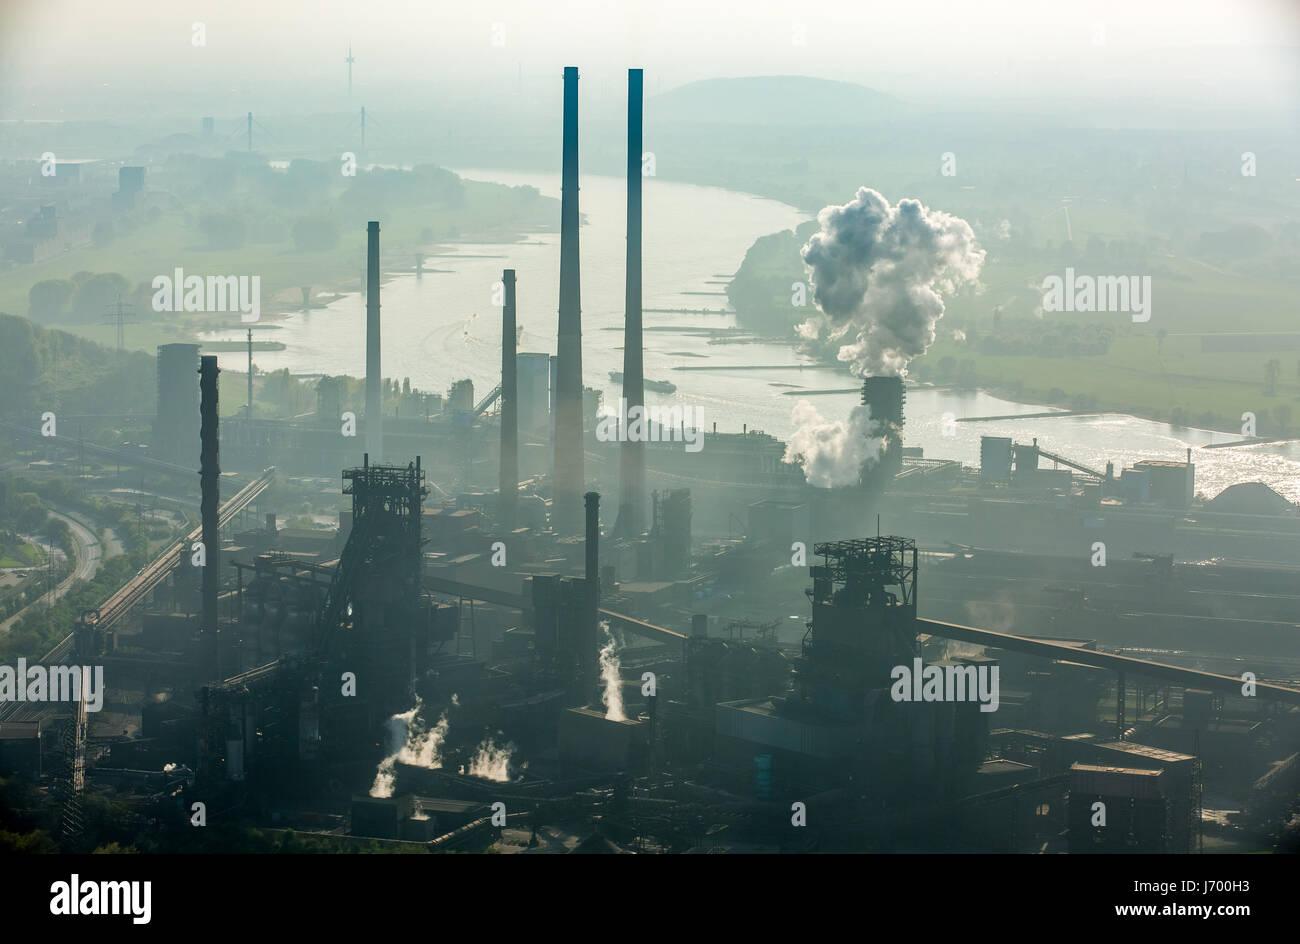 Stahlwerk ThyssenSteel, Stahlindustrie, Schwerindustrie, Bergbau, Luft-Verschmutzung, Emissionen, Schornsteine, Stockbild